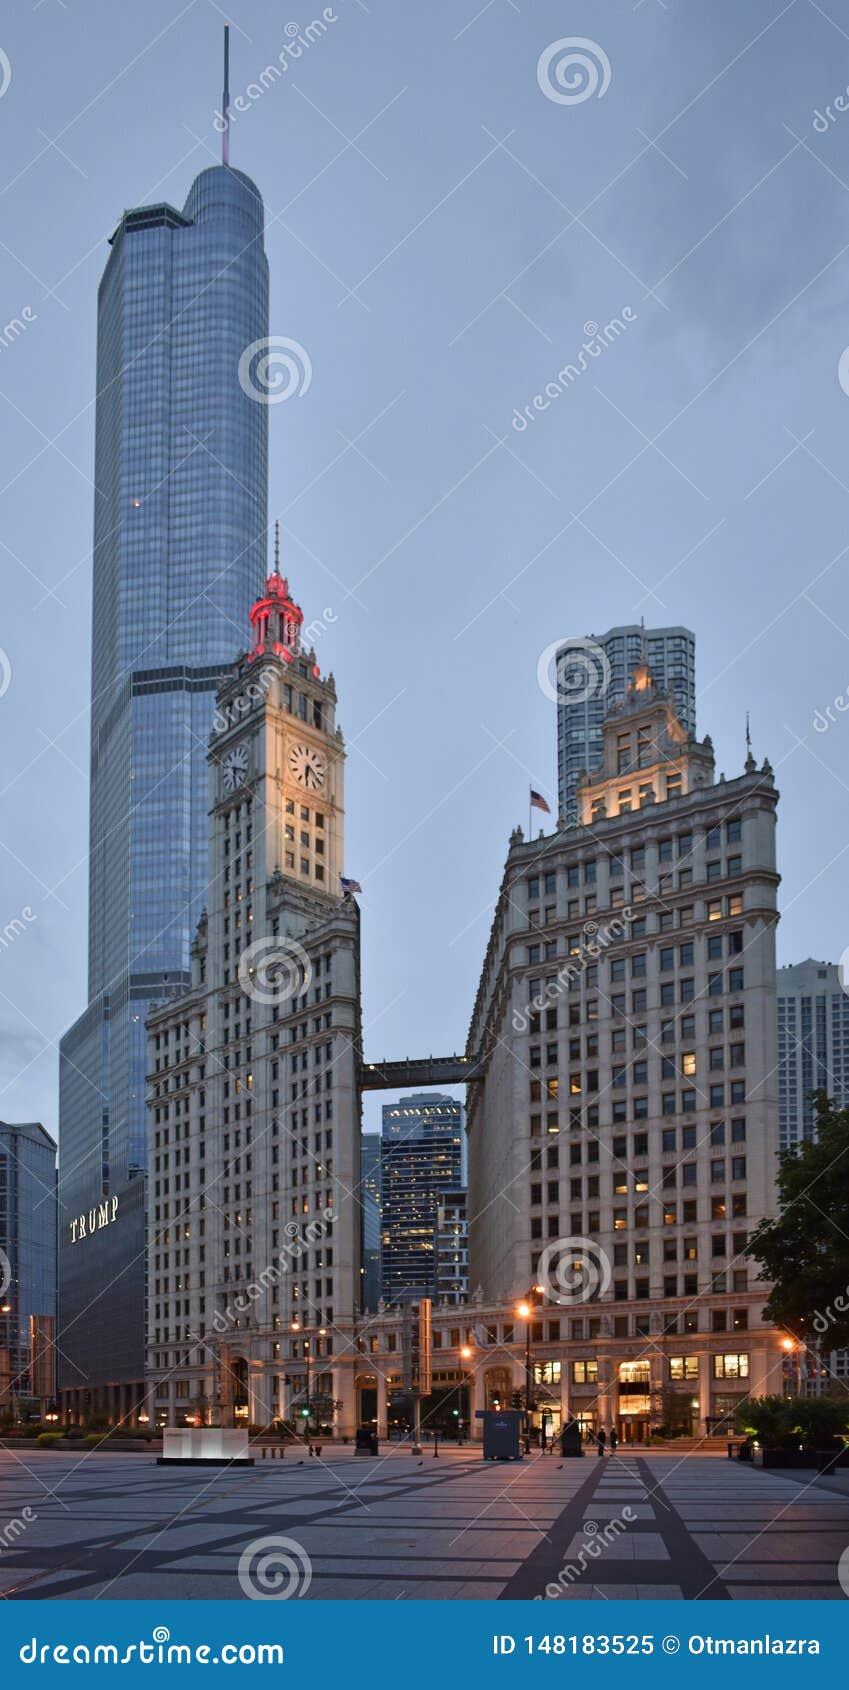 有王牌塔和里格利大厦的芝加哥街市